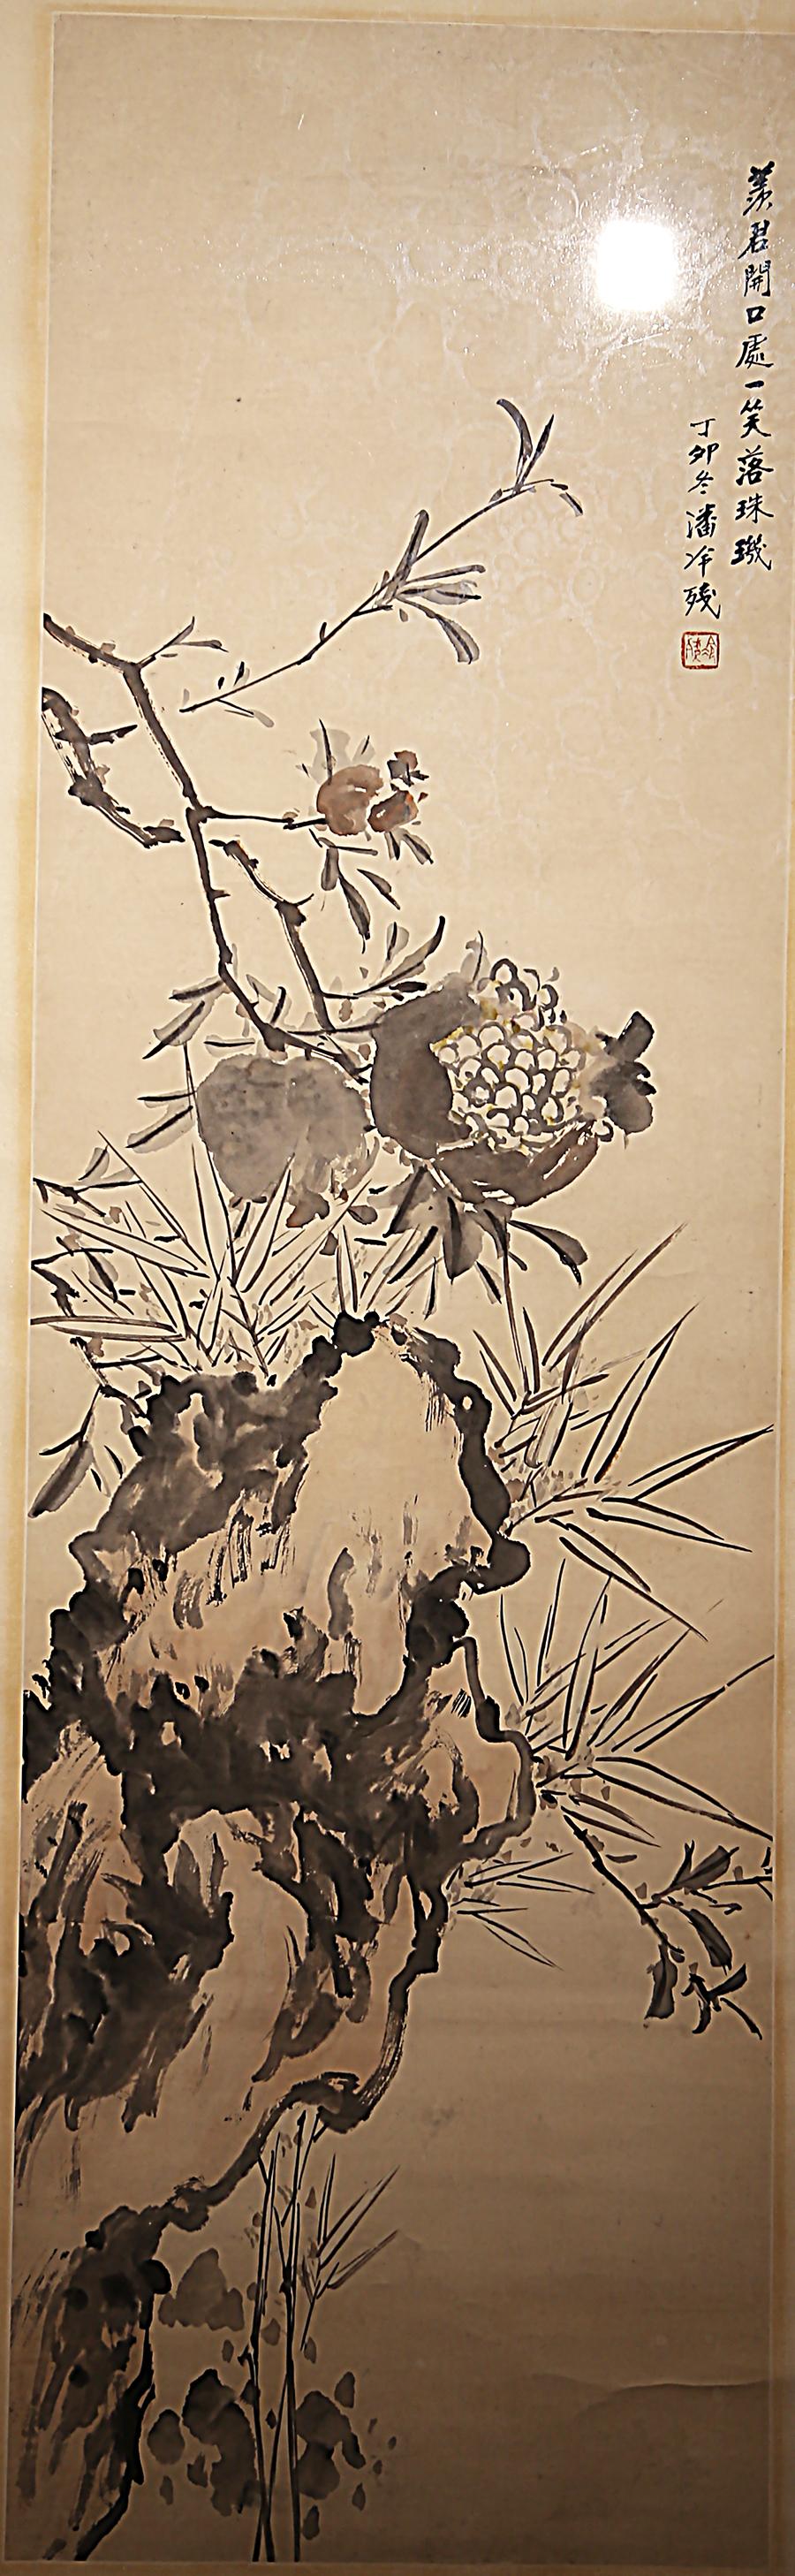 潘达微《榴实图轴》中国画 1927年 广东省博物馆藏